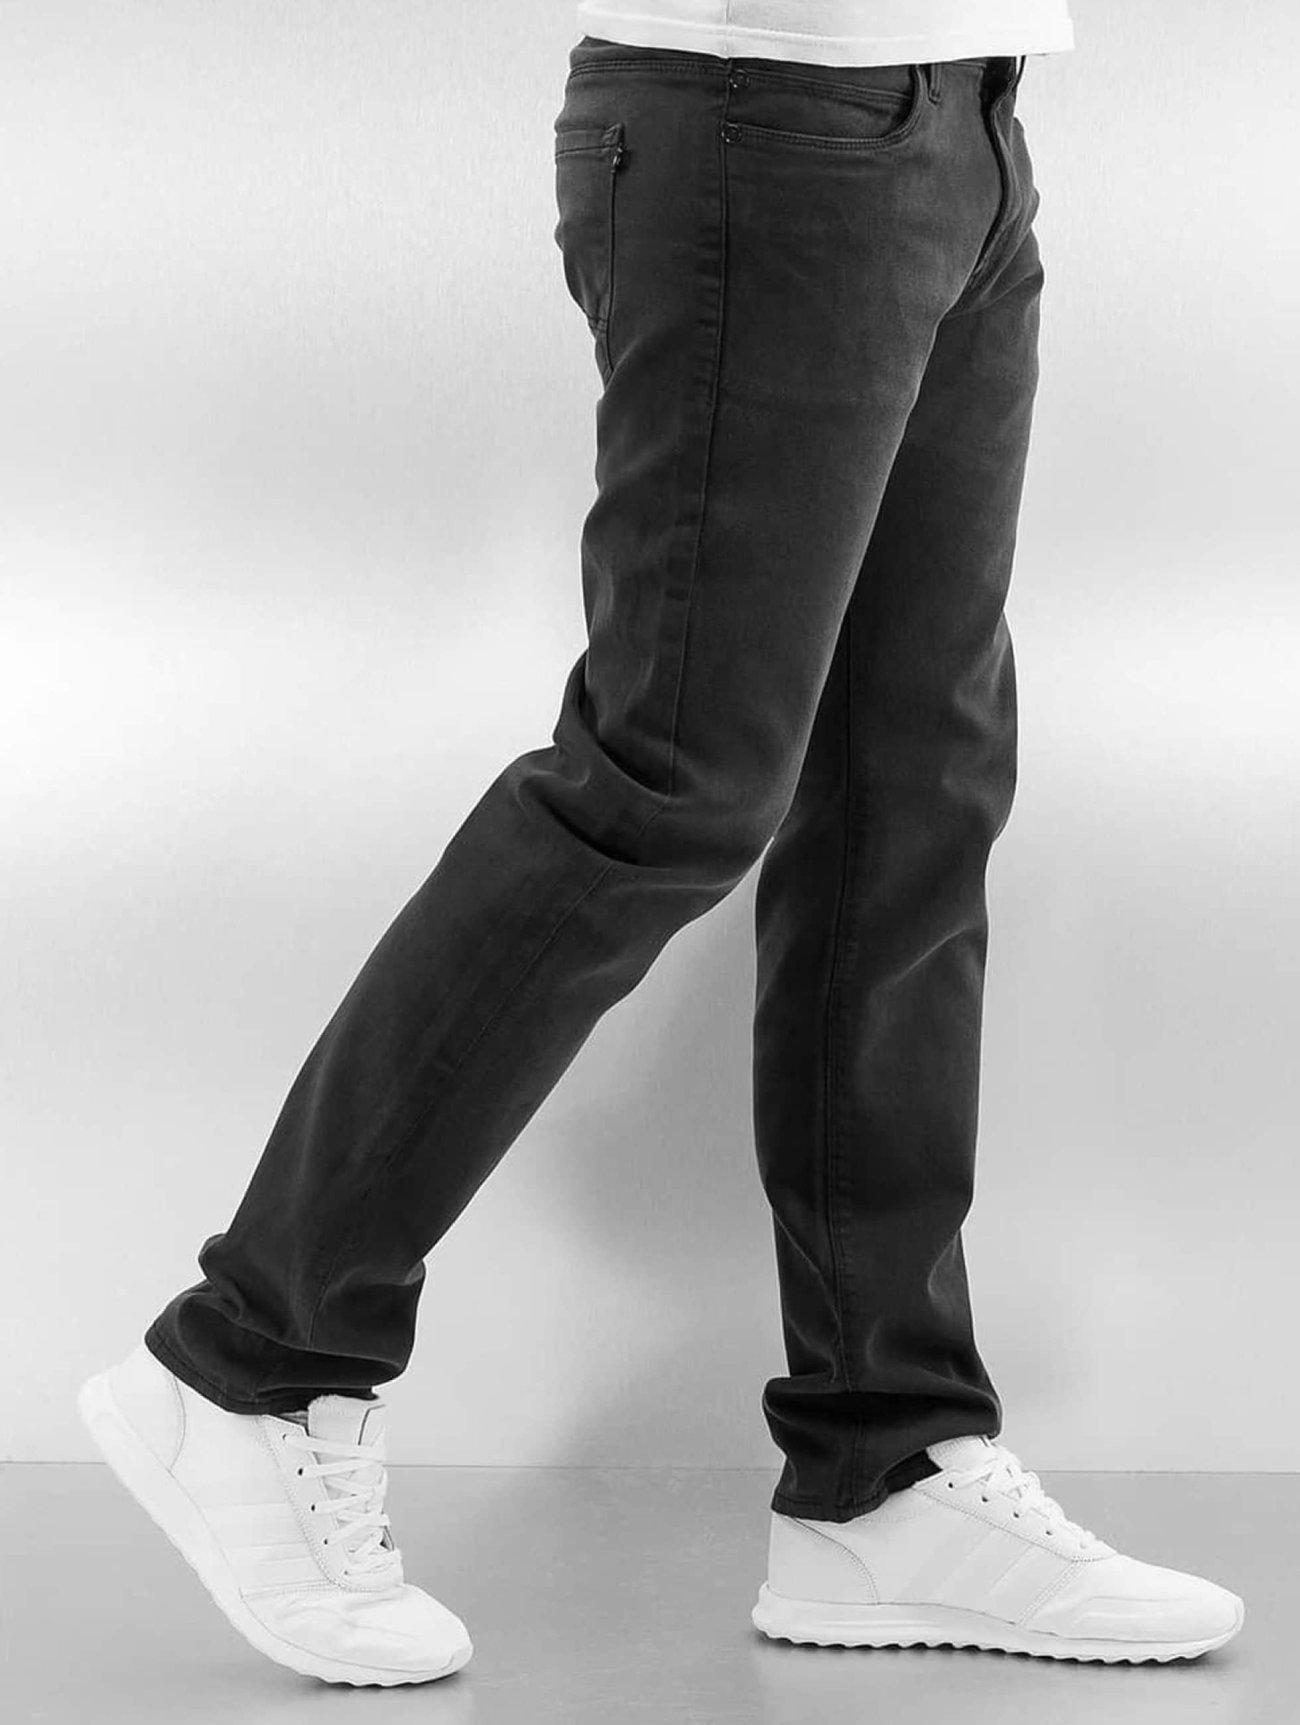 Reell Jeans  Skin II  noir Homme Jean skinny  287202 Homme Jeans